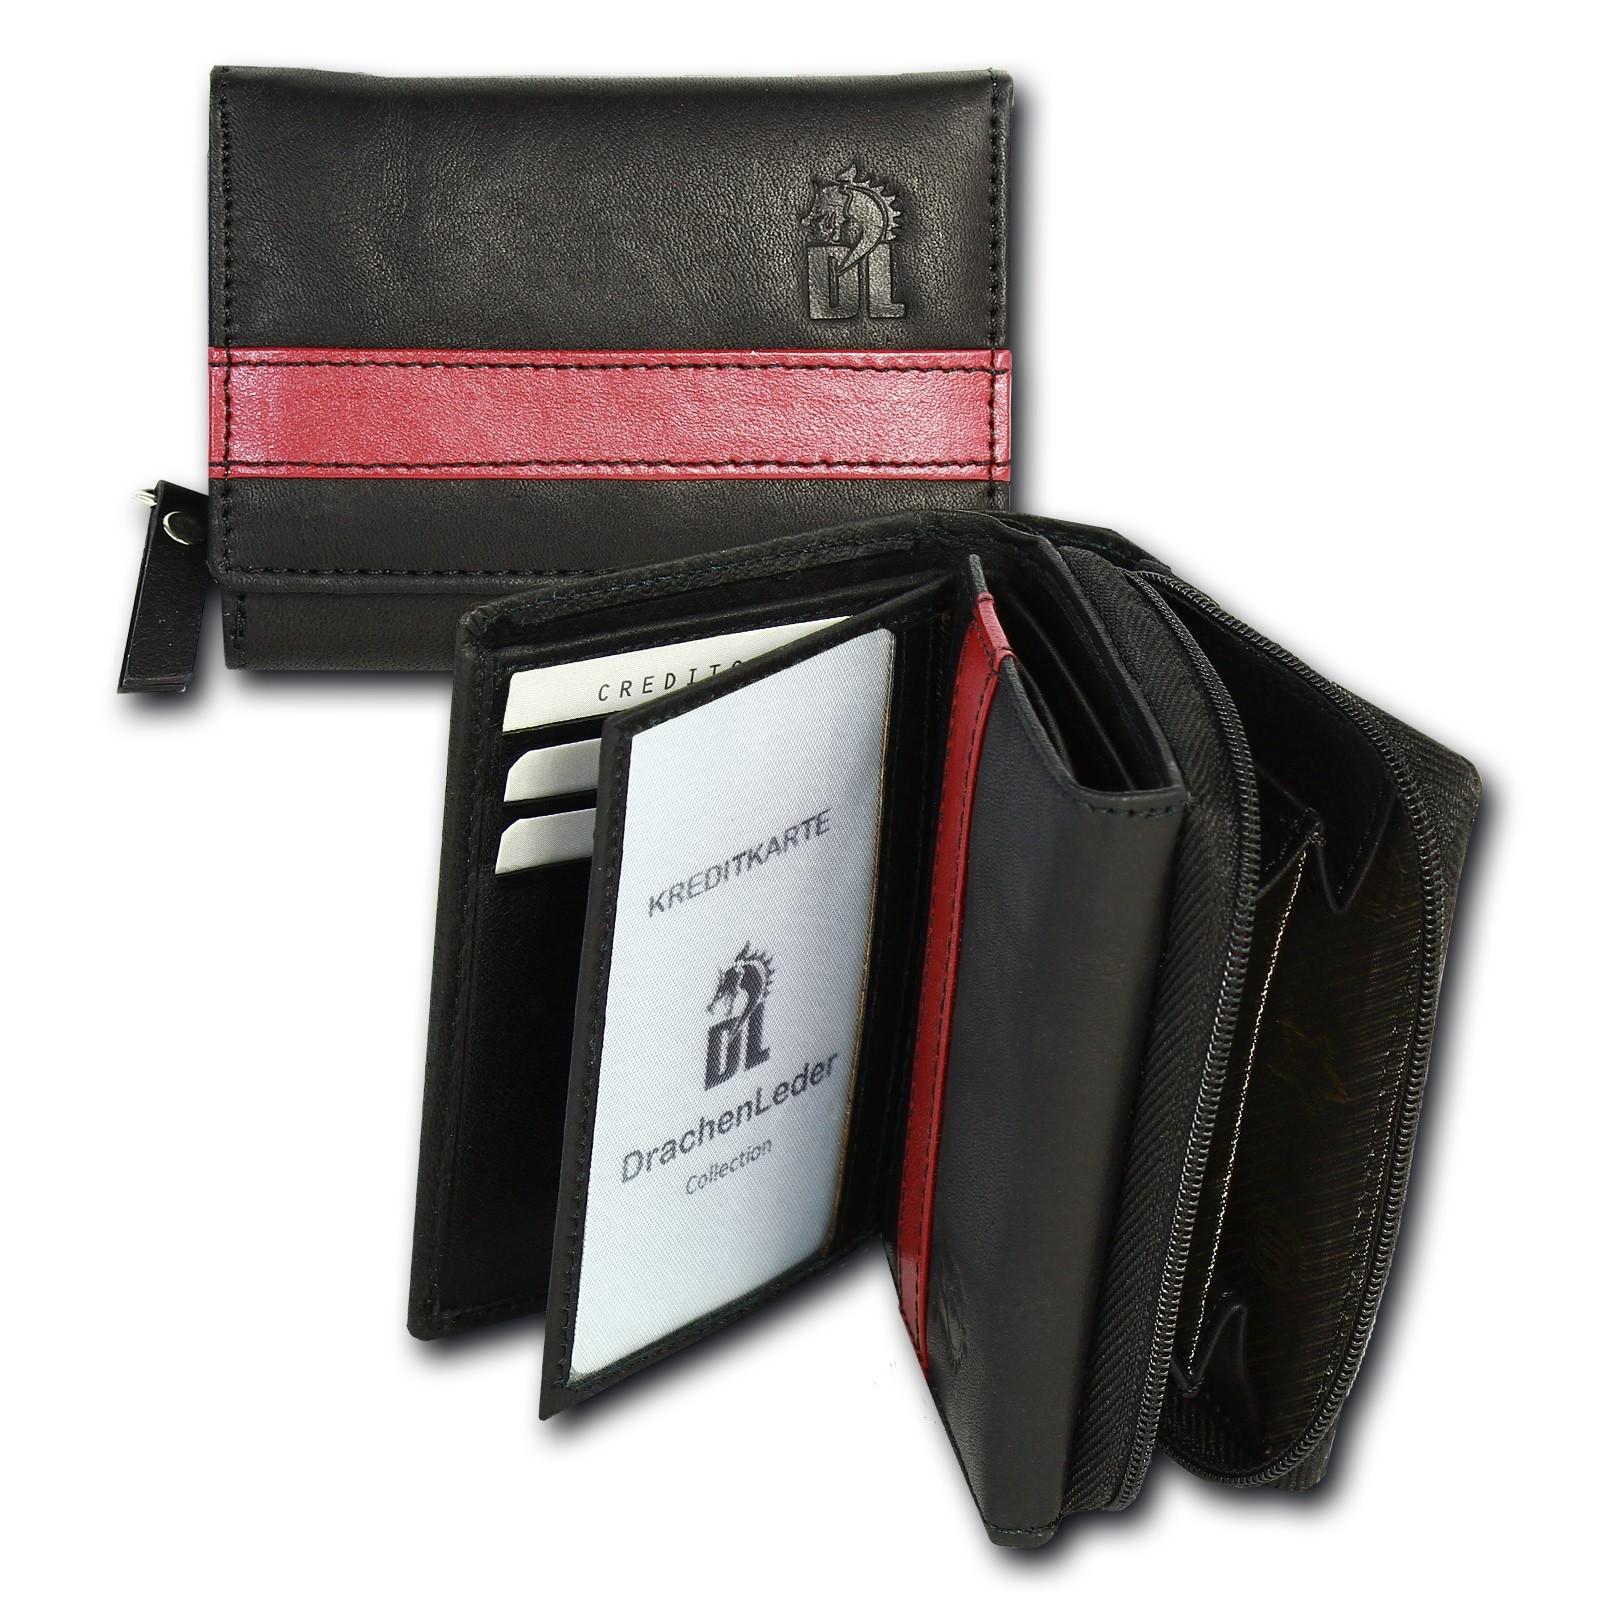 Geldbörse Leder schwarz Geldbeutel Portemonnaie Brieftasche DrachenLeder OPZ100S